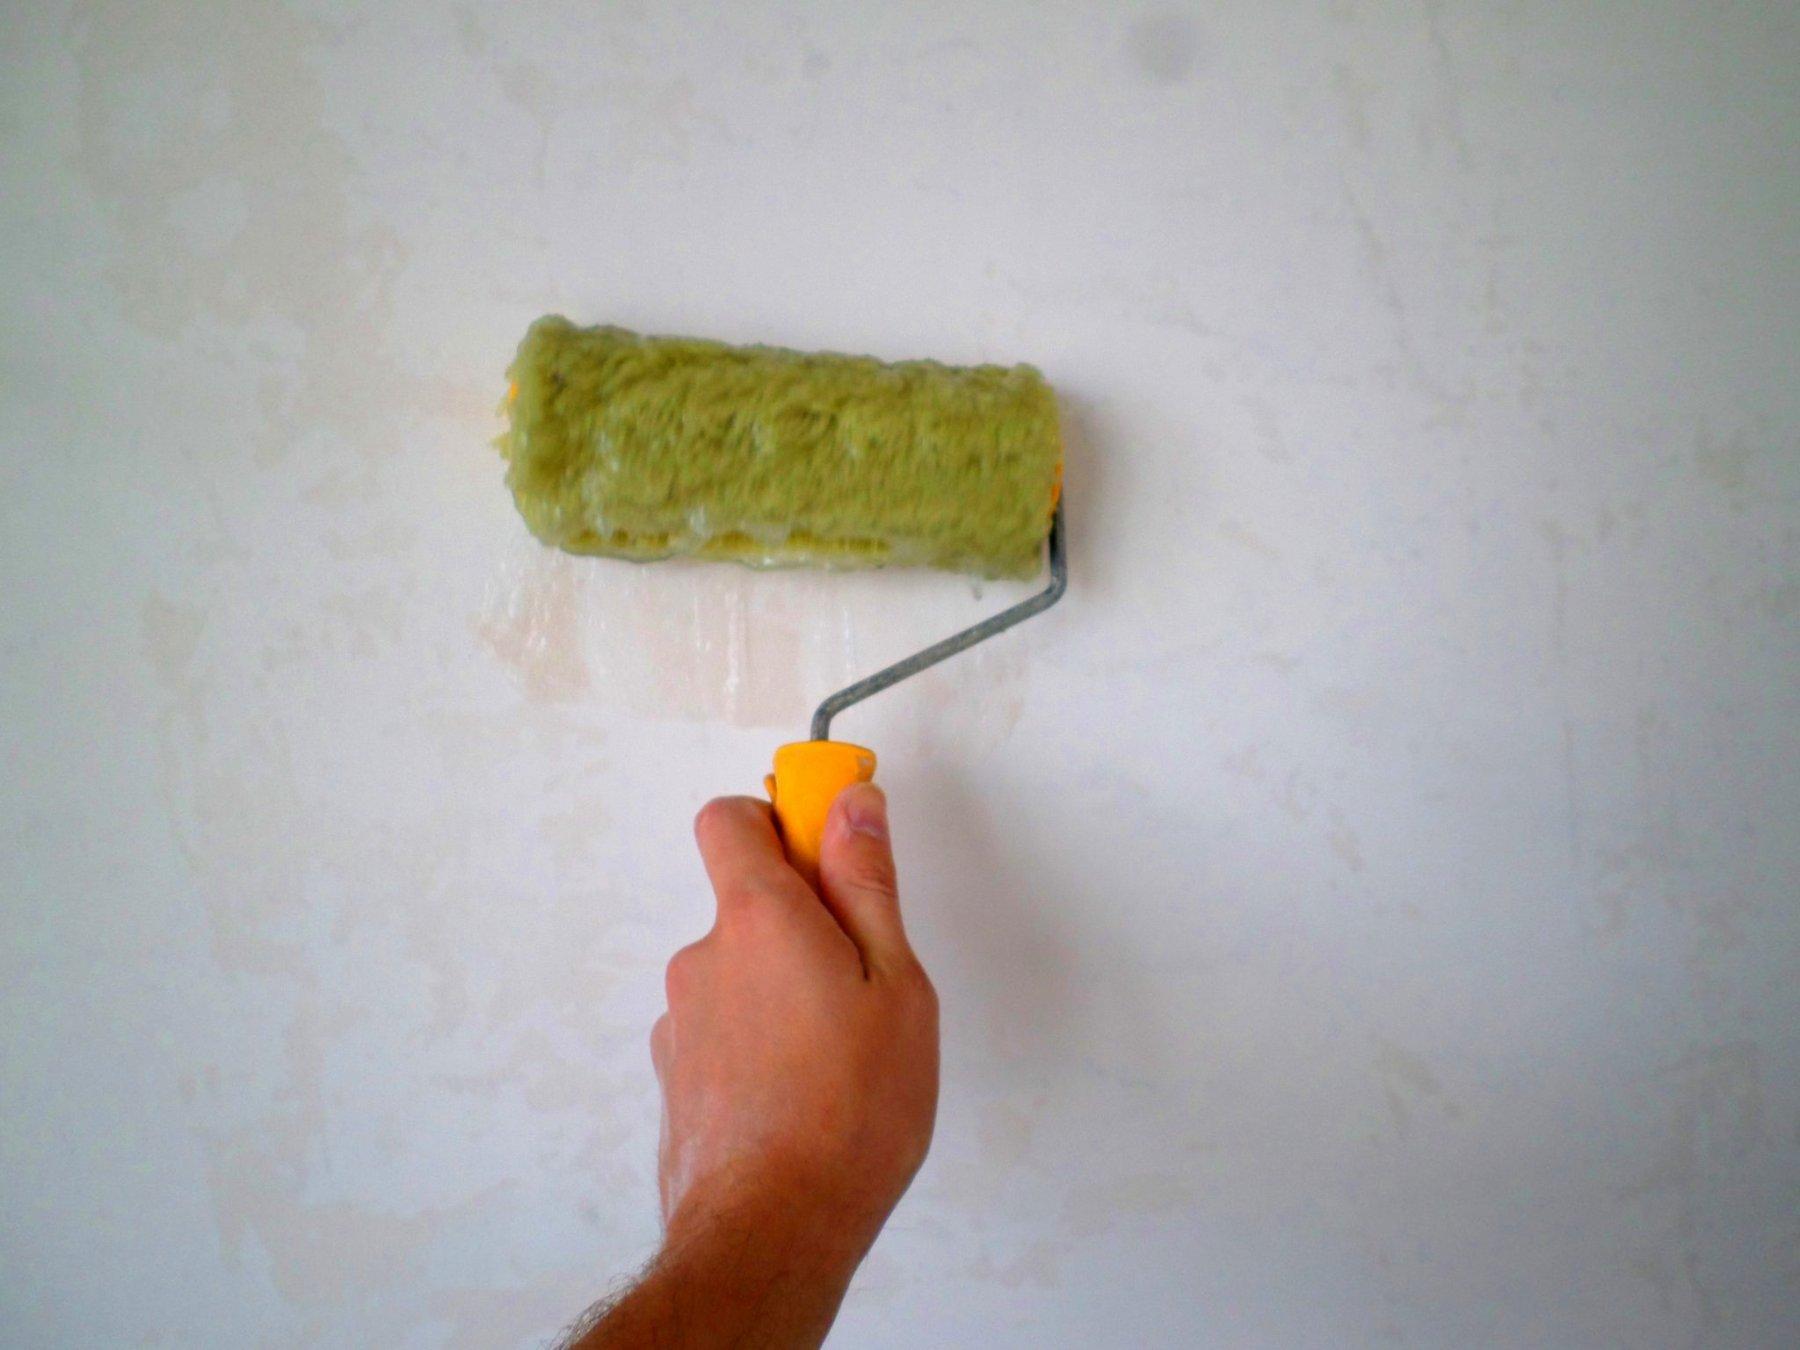 Как самостоятельно поклеить обои на стены: важные нюансы и рекомендации